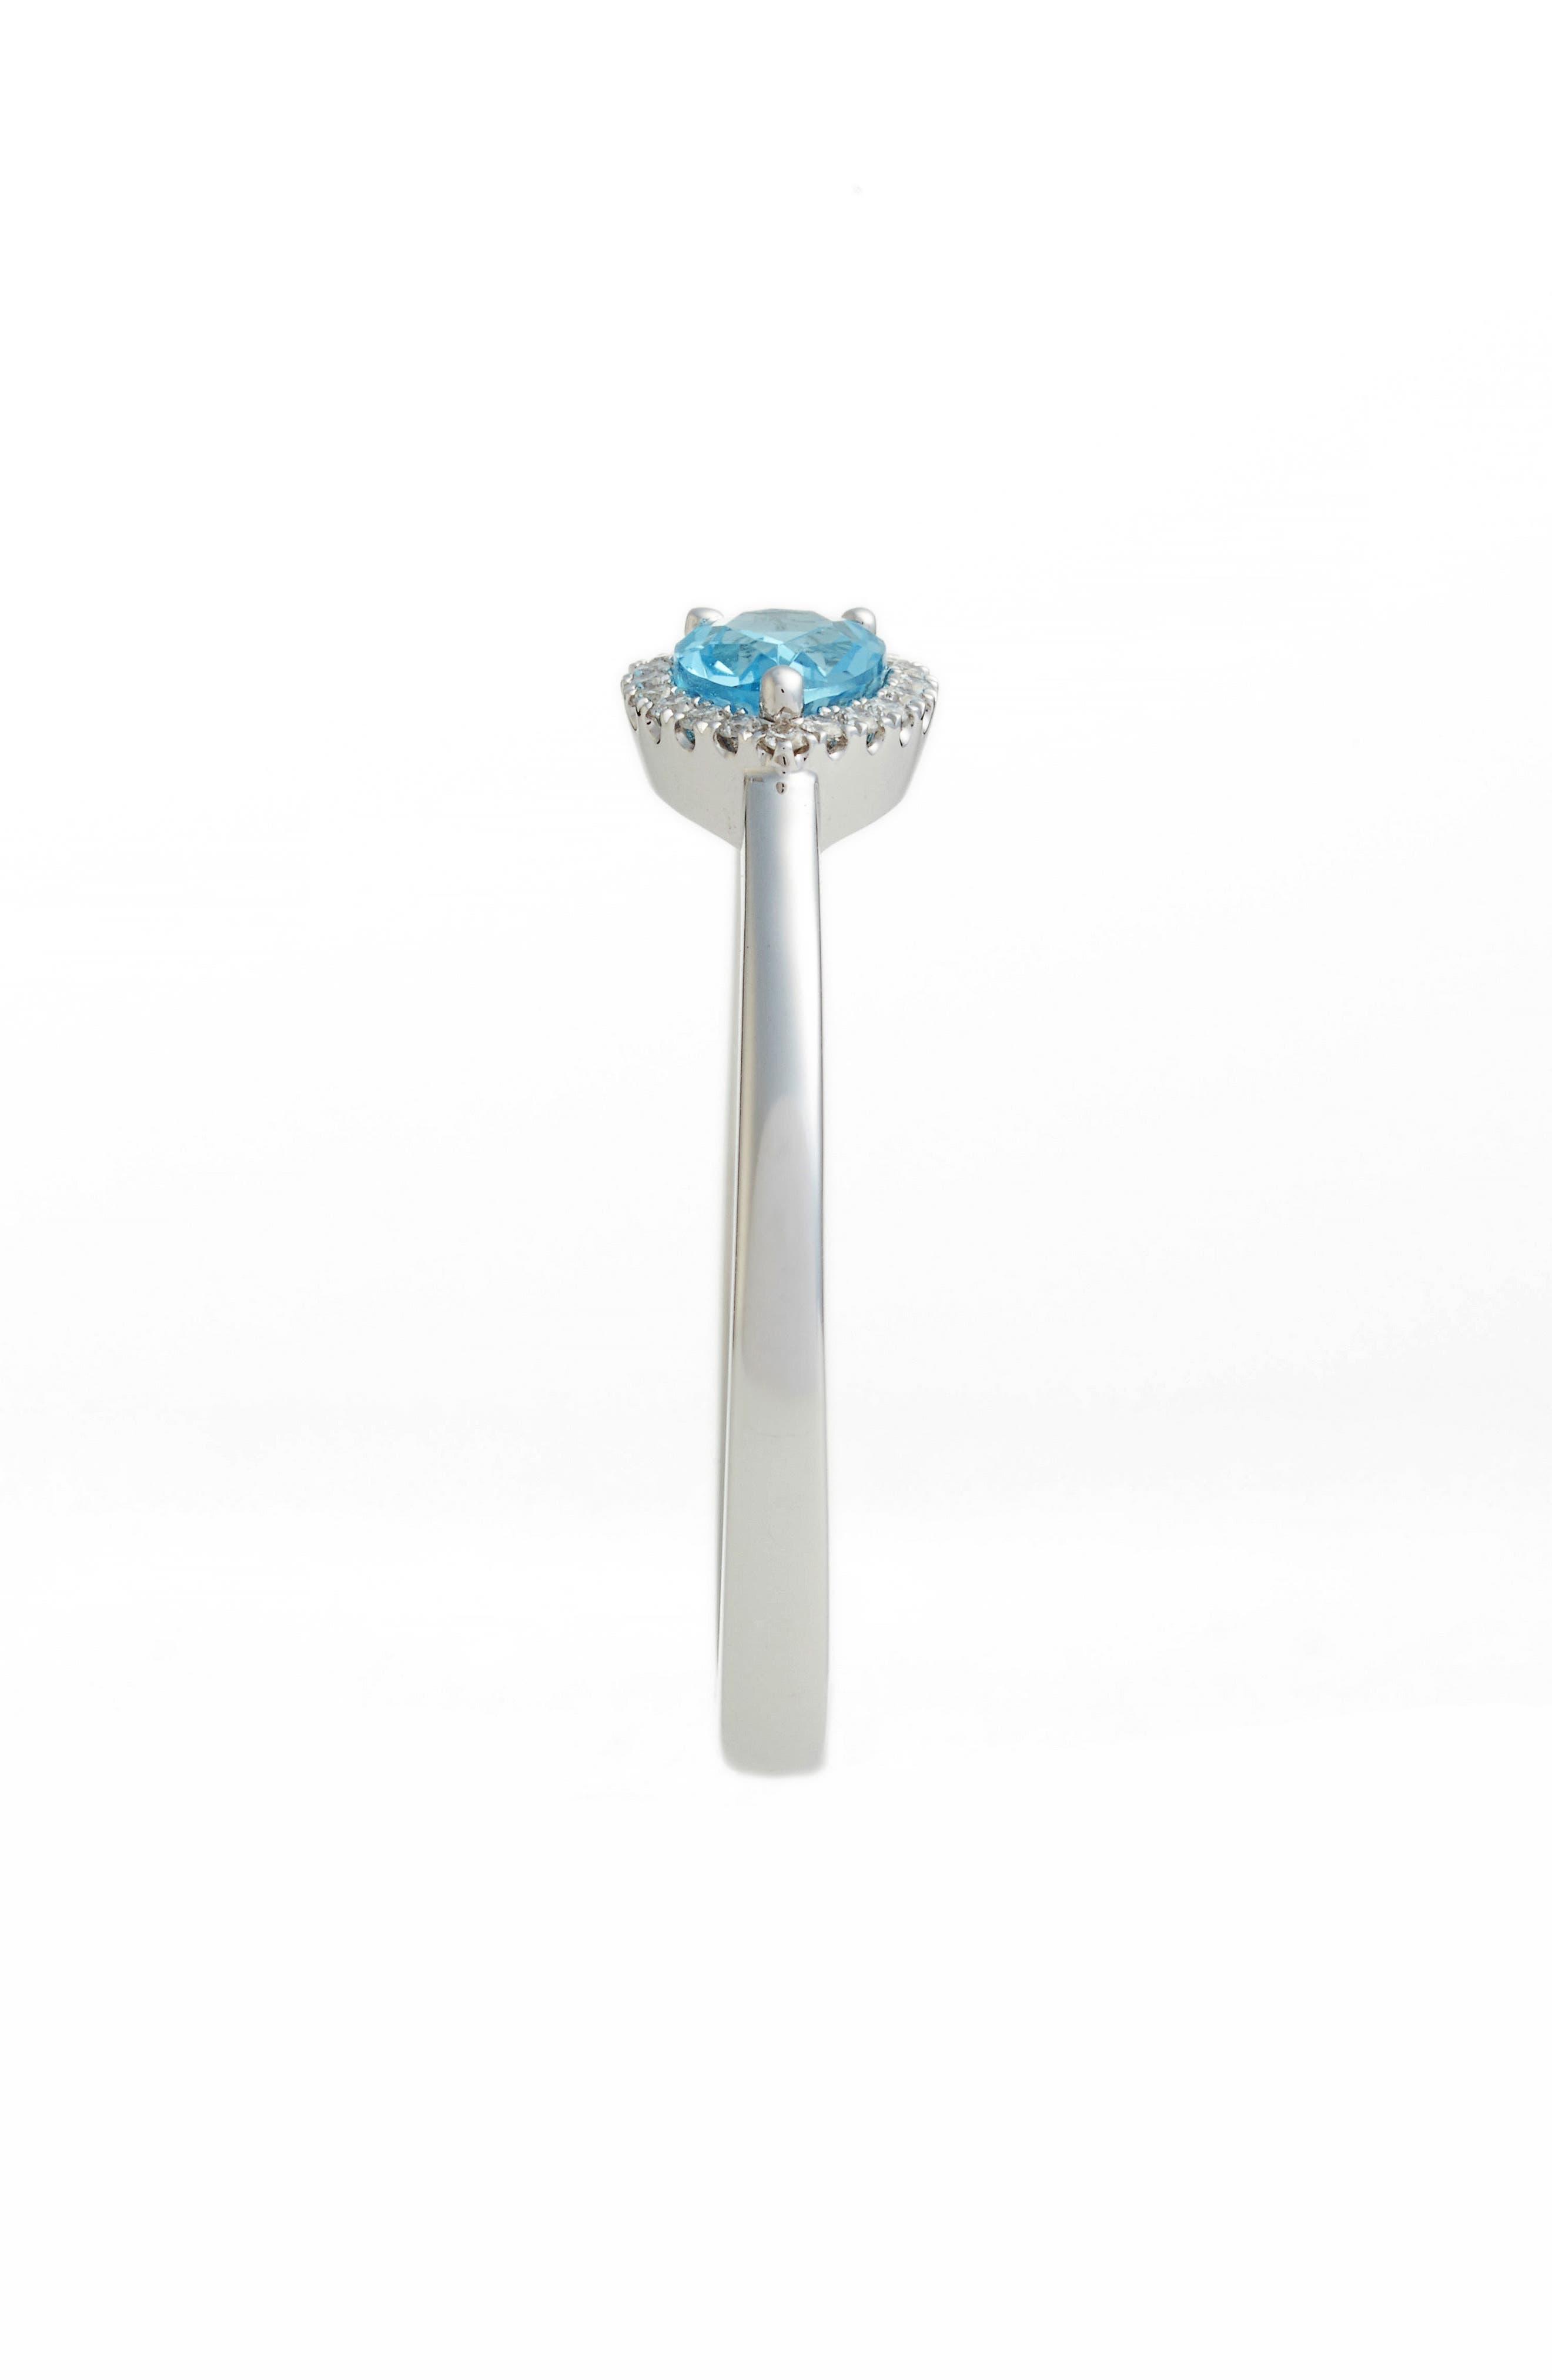 Iris Diamond & Semiprecious Stone Teardrop Ring,                             Alternate thumbnail 3, color,